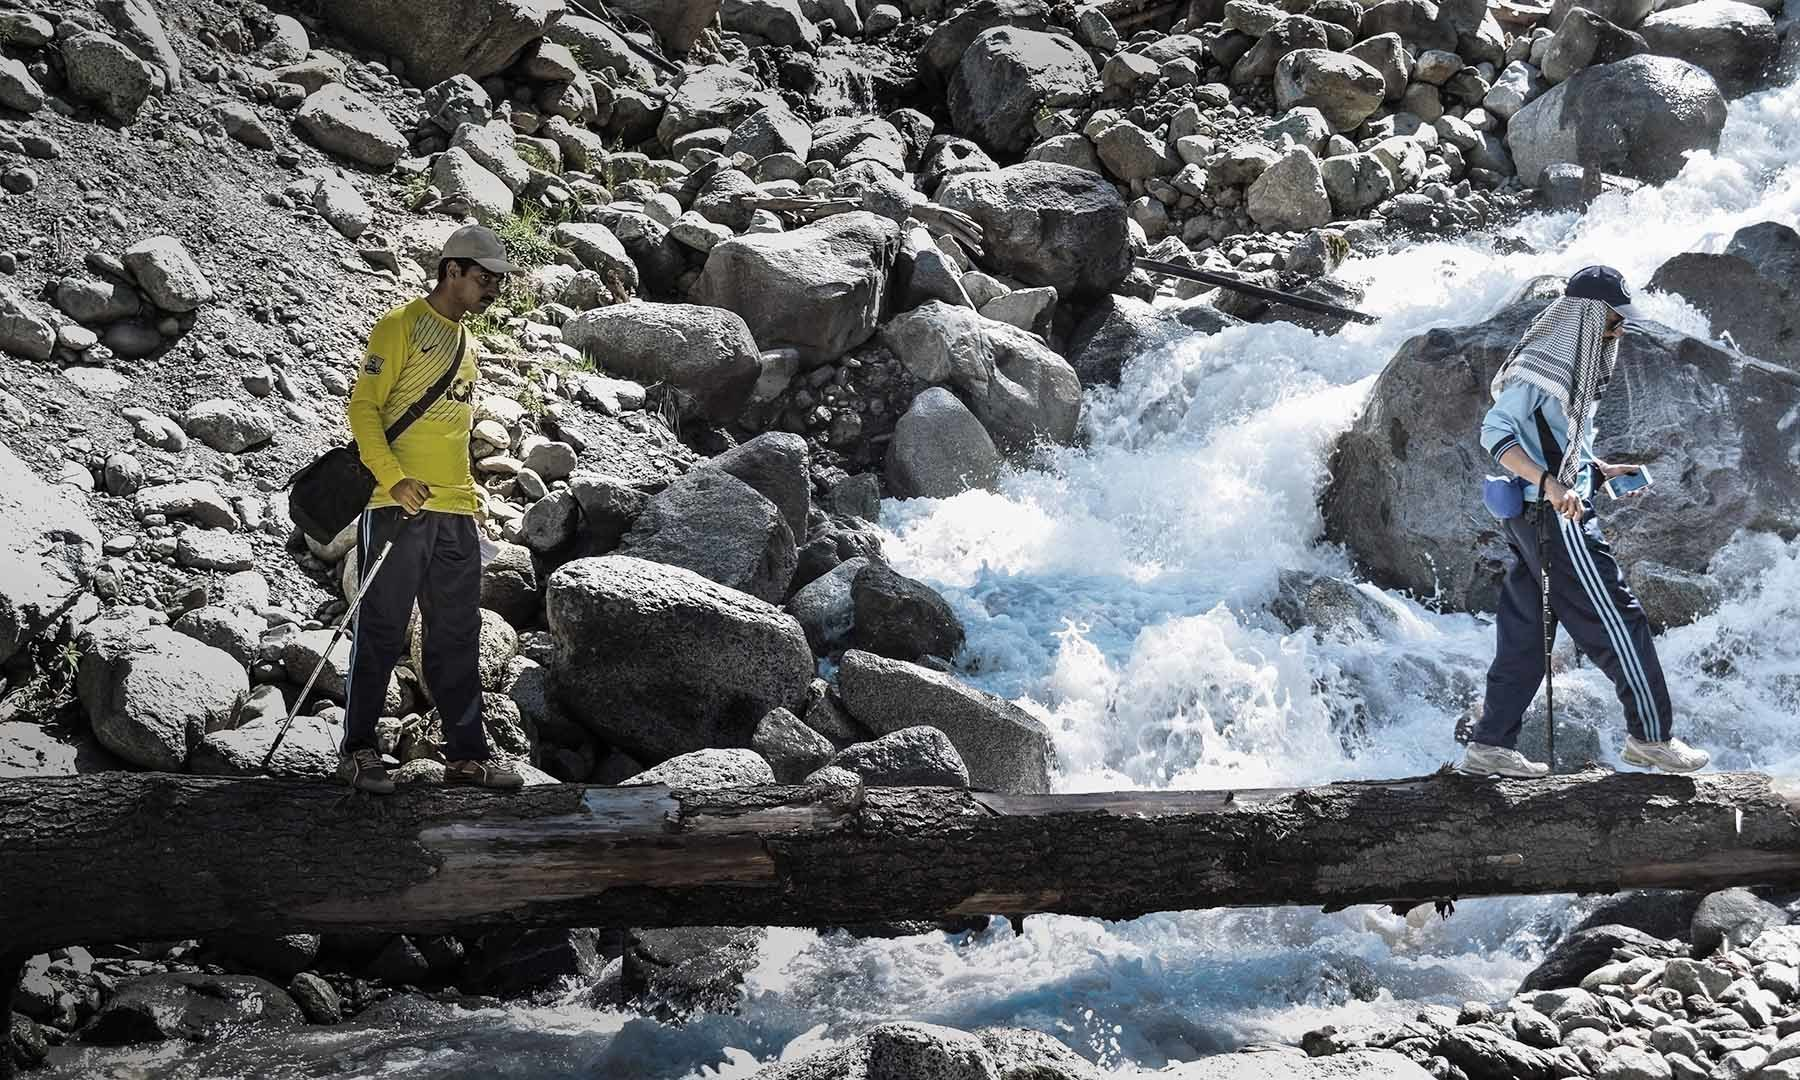 ایک بڑے درخت سے بنایا گیا پل جس کے ذریعے سپین خوڑ جھیل و آبشار تک رسائی حاصل کی جاتی ہے — تصویر امجد علی سحاب